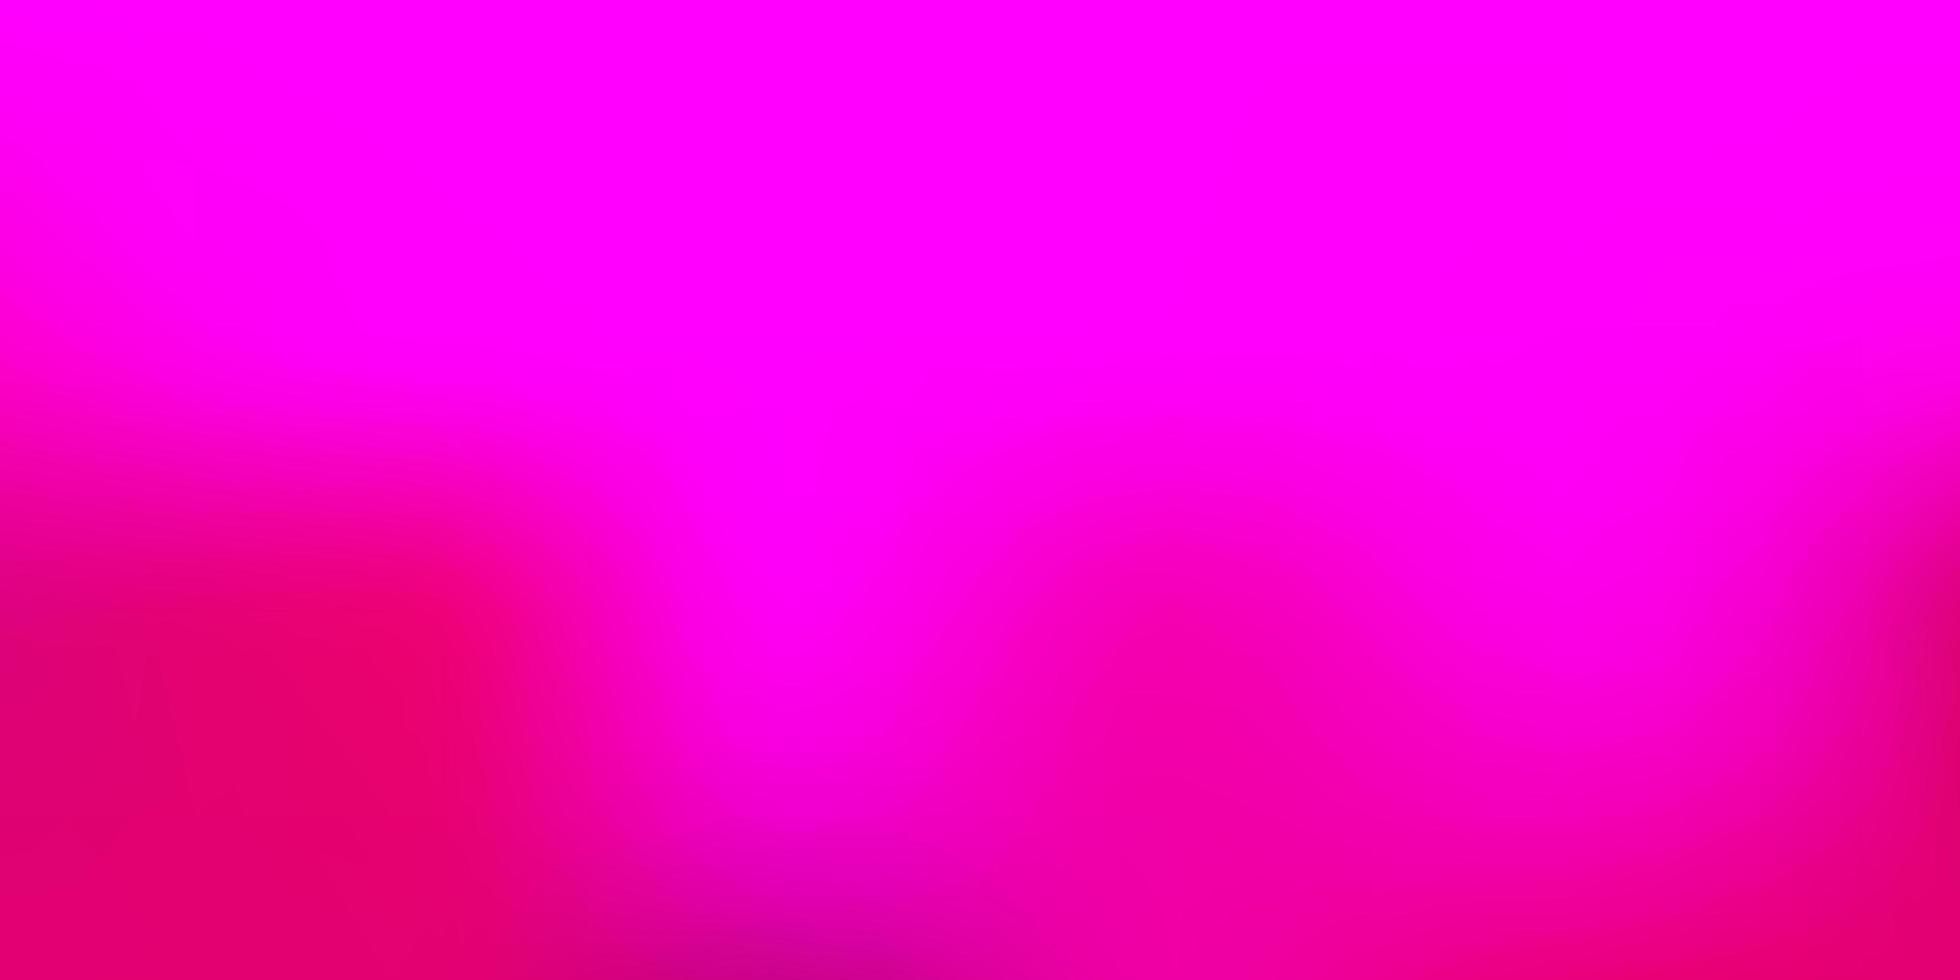 modello di sfocatura vettoriale rosa scuro.